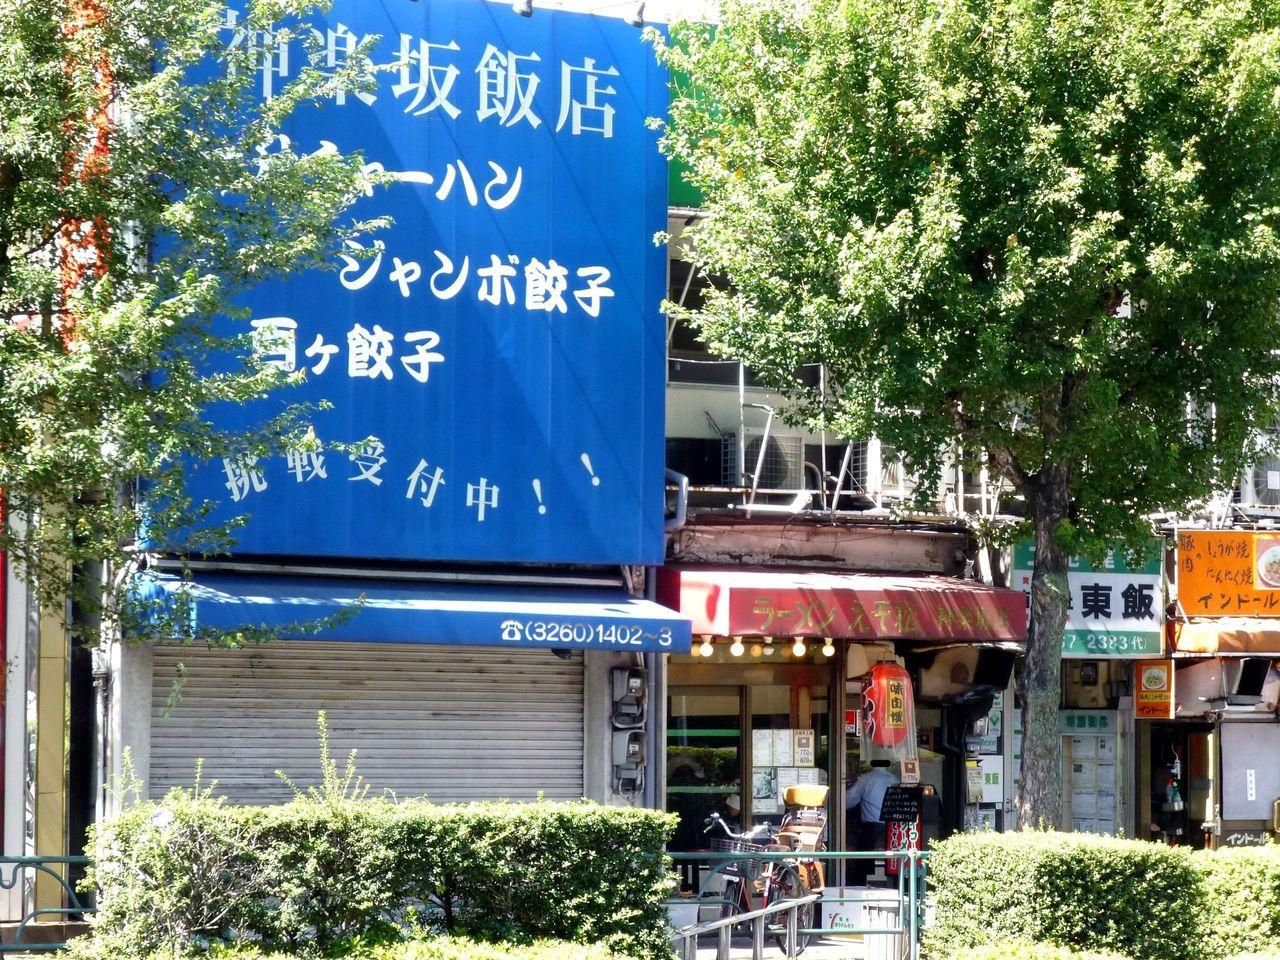 一升炒飯やジャンボ餃子で有名な神楽坂飯店の隣です!